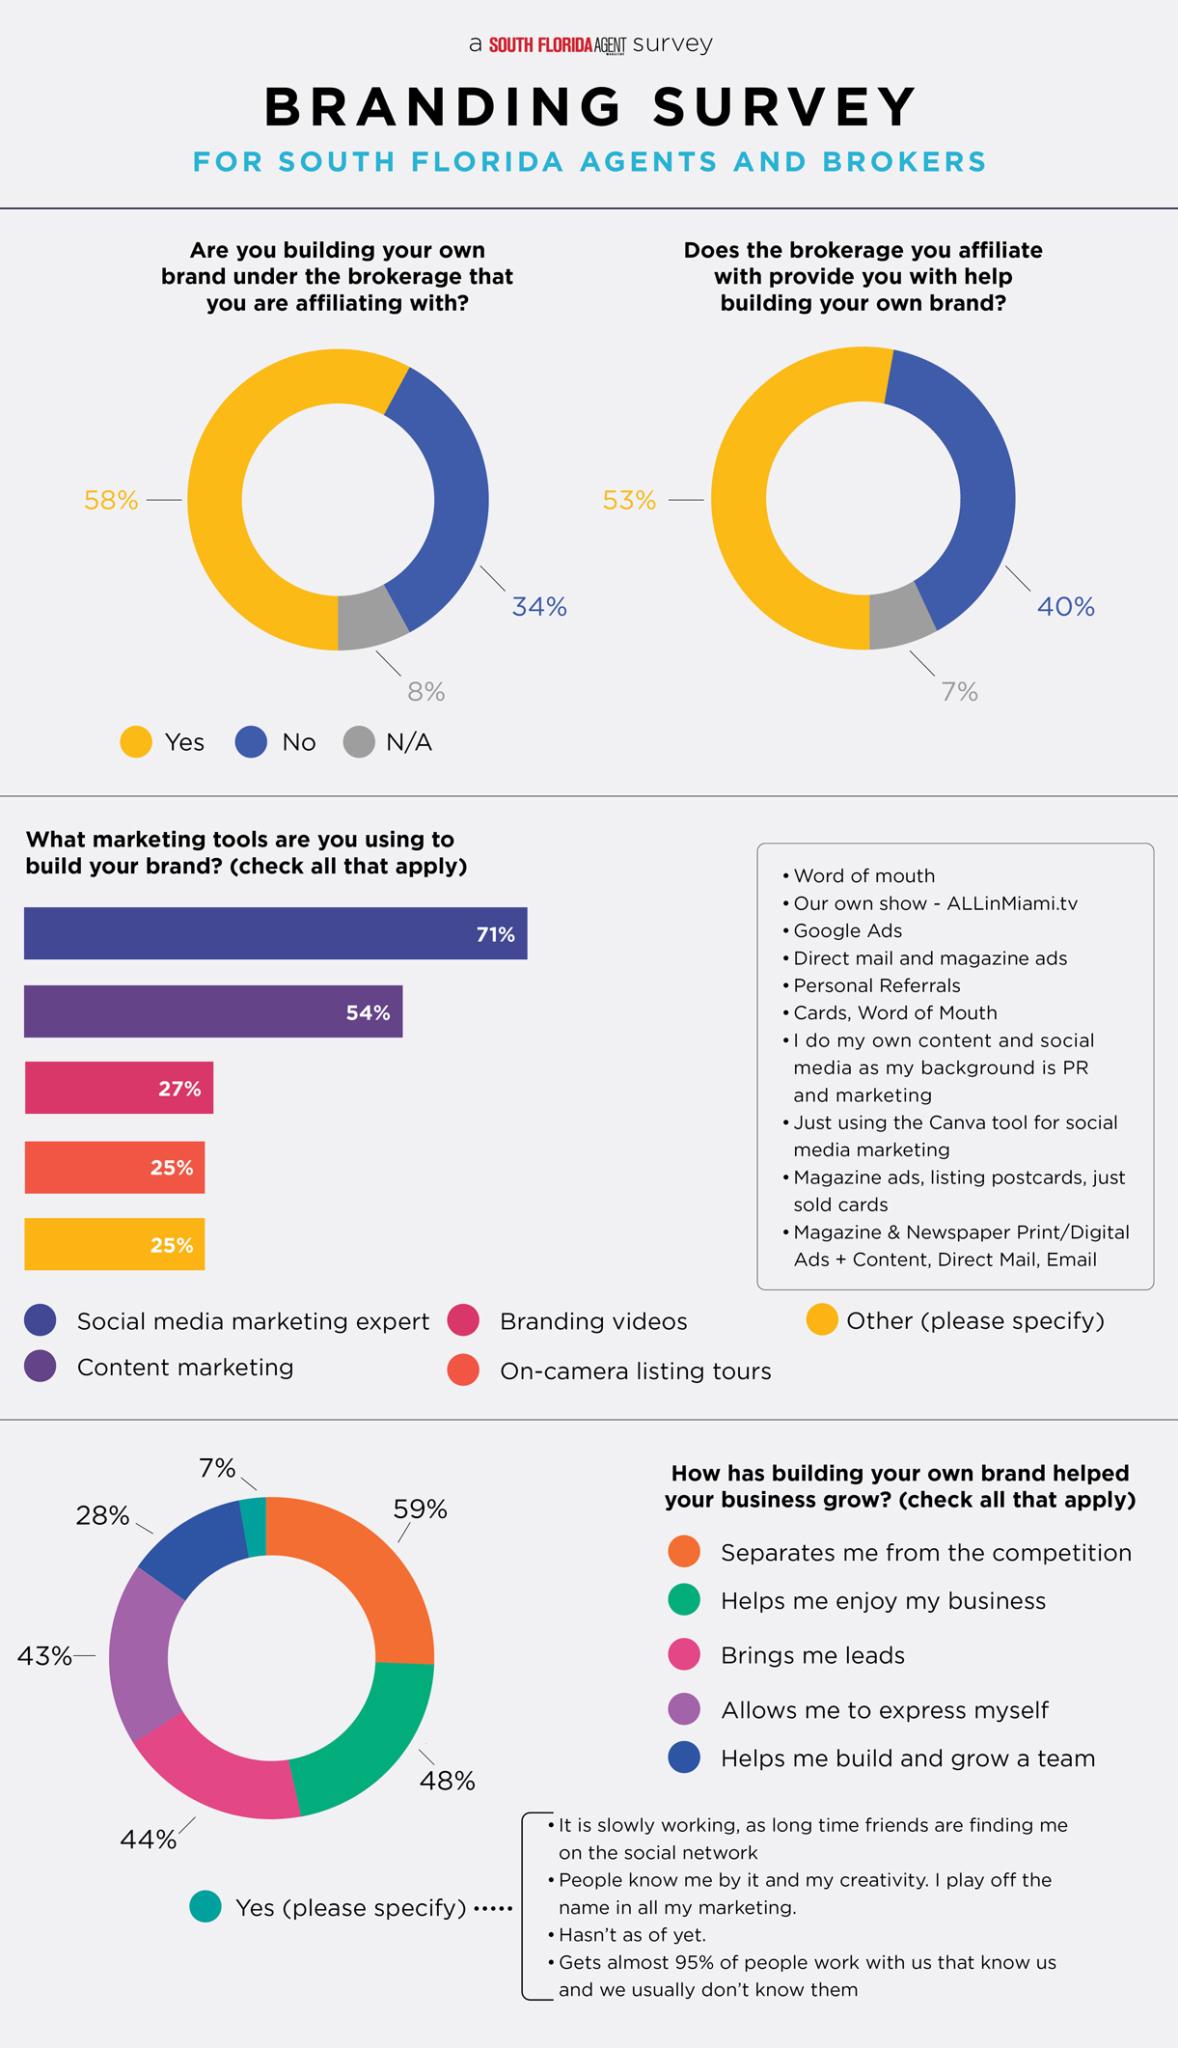 South Florida Agent Brand Survey